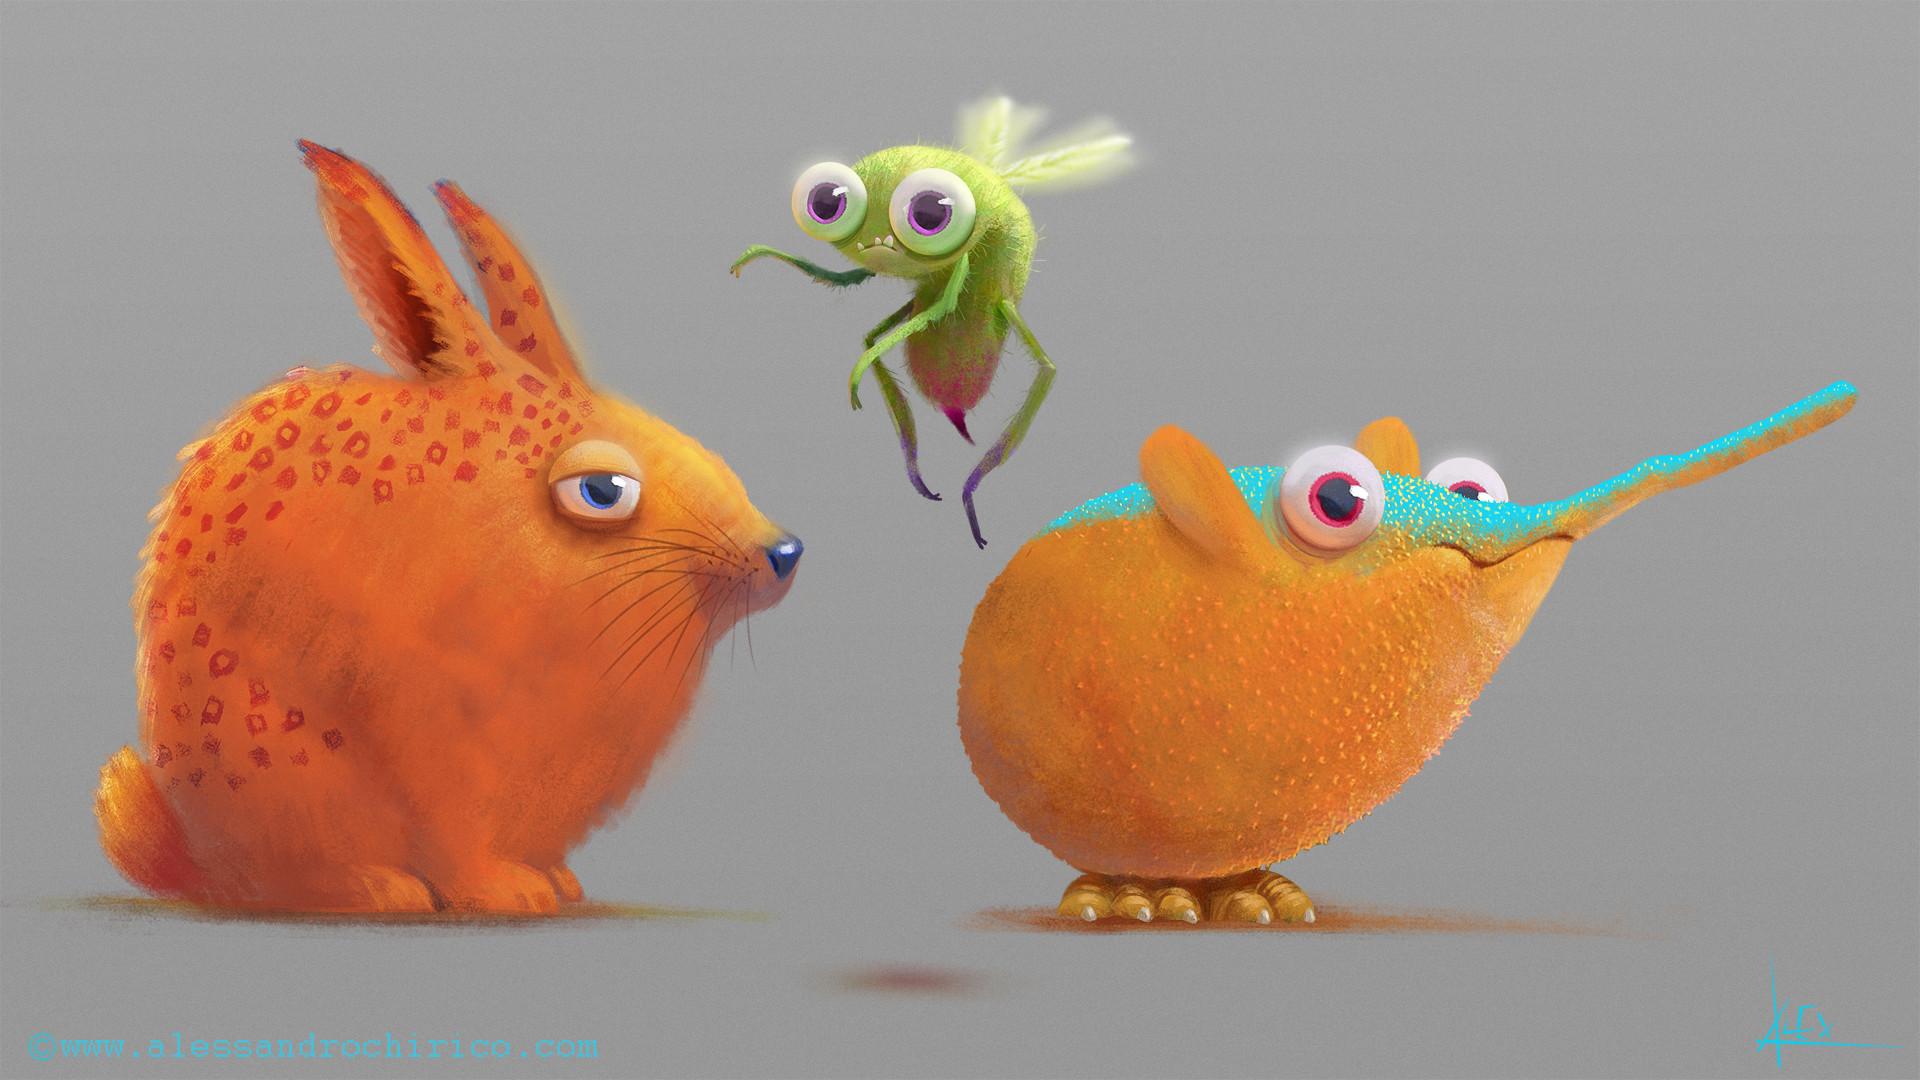 Round Creatures